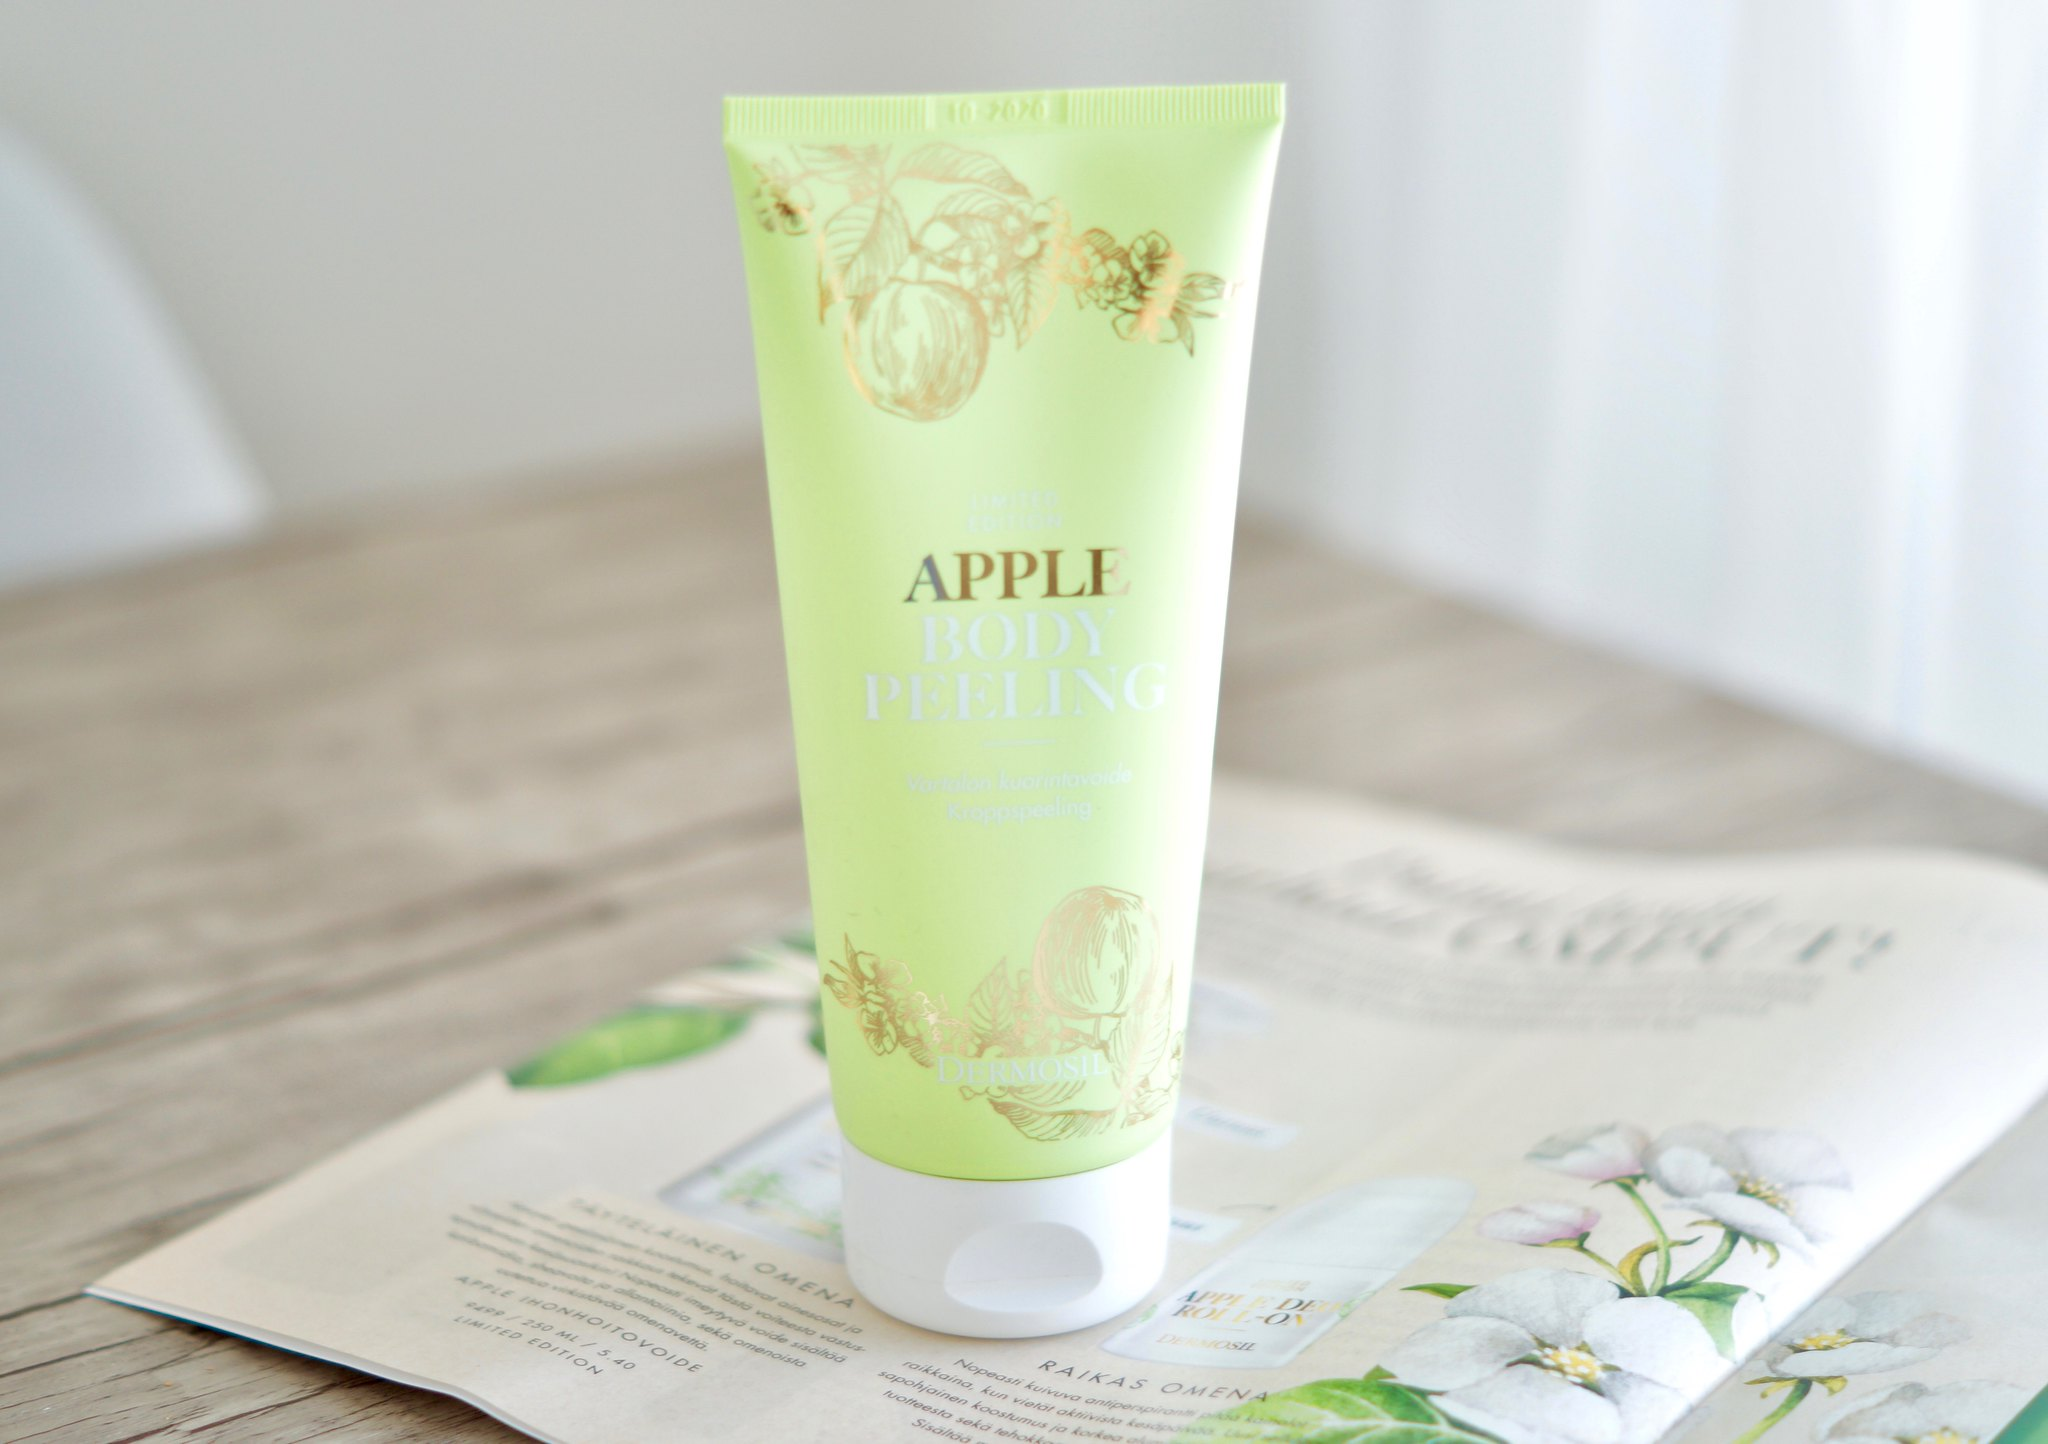 Dermosil apple body peeling vartalokuorinta